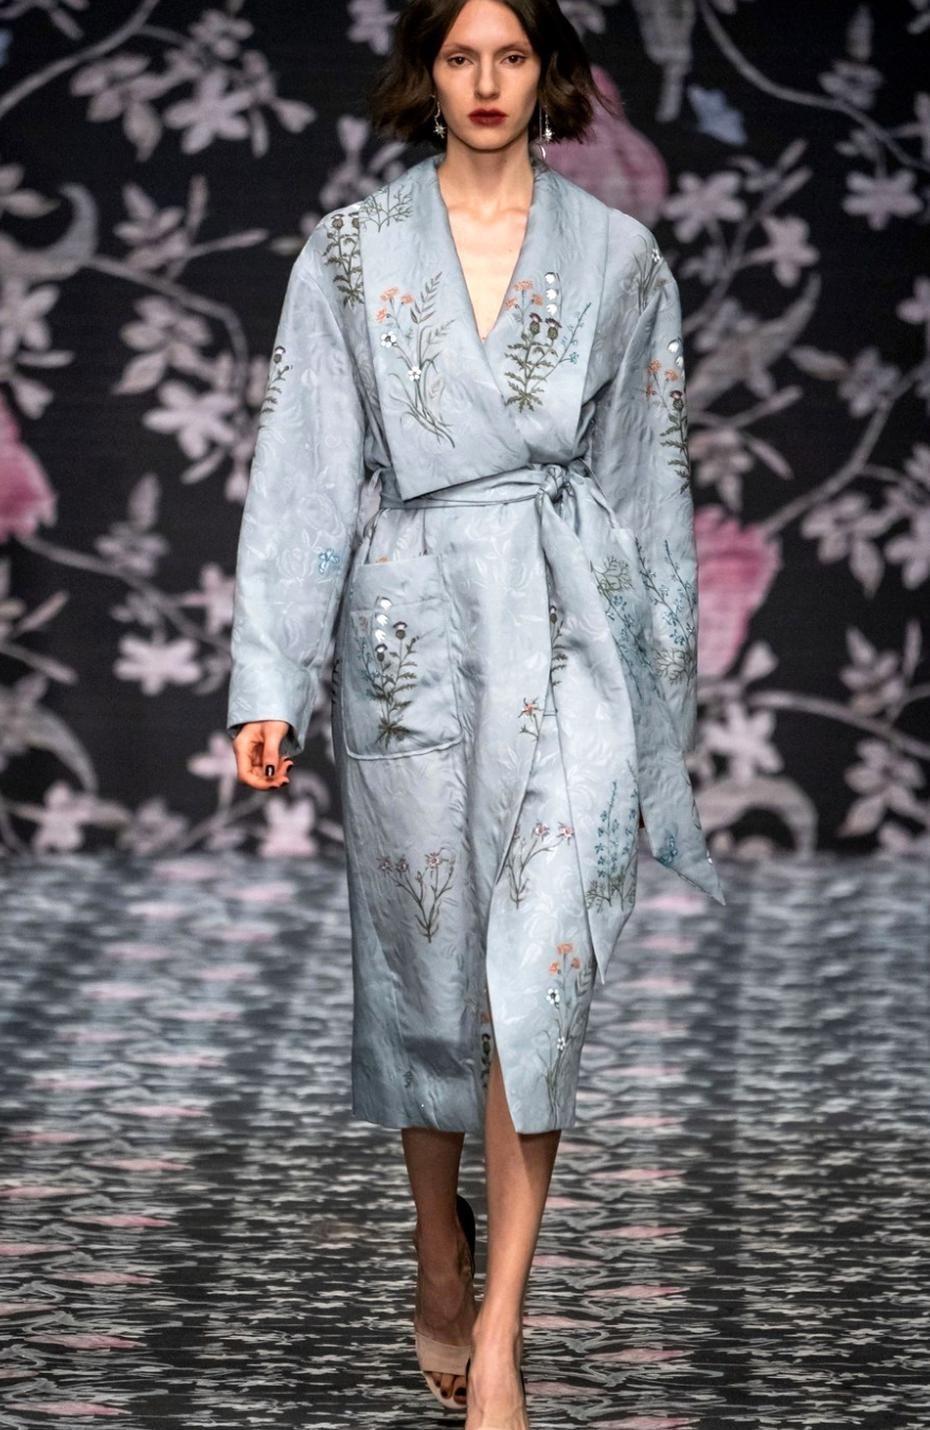 Lena Hoschek Berlin SpringSummer 2020 - Gallery  Vogue India